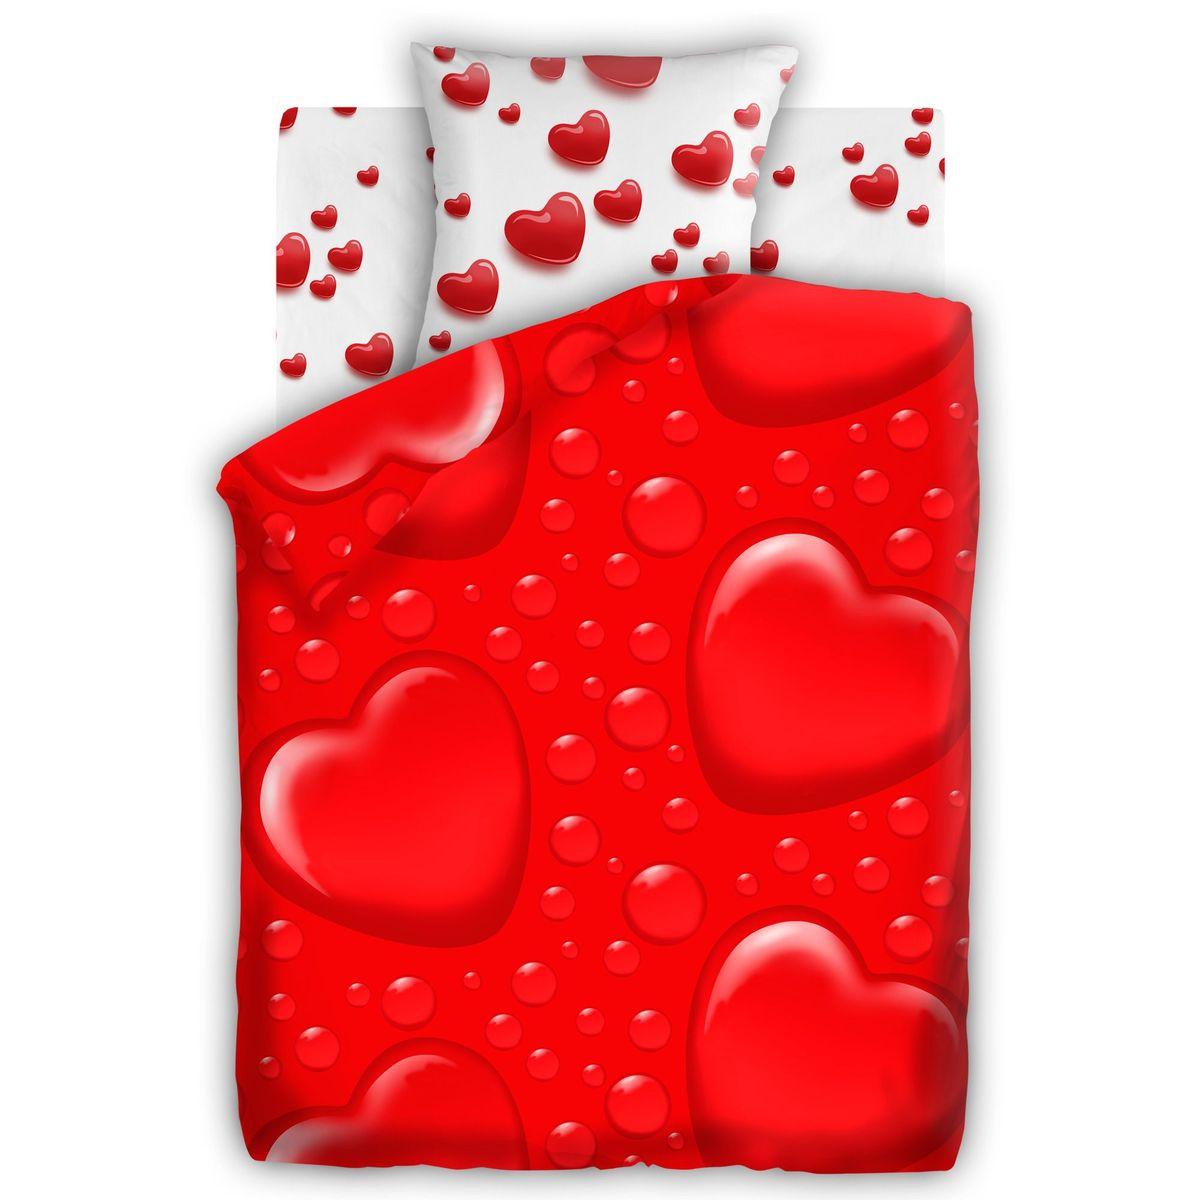 Комплект белья For YouСердца, 1,5 спальное, наволочки 70 х 70, цвет: красный. 284379391602Постельное белье торговой марки «Любимый дом» - это идеальное сочетание доступной цены и высокого качества продукции. Серия «Любимый дом 3D» выполнена в технике объемного трехмерного изображения: объемные рисунки очень яркие, насыщенные и реалистичные. Коллекция выполнена из традиционной отечественной бязи с высоким показателем износостойкости: такое постельное белье очень прочное и долговечное, не деформируется при стирках и прослужит долгие годы.